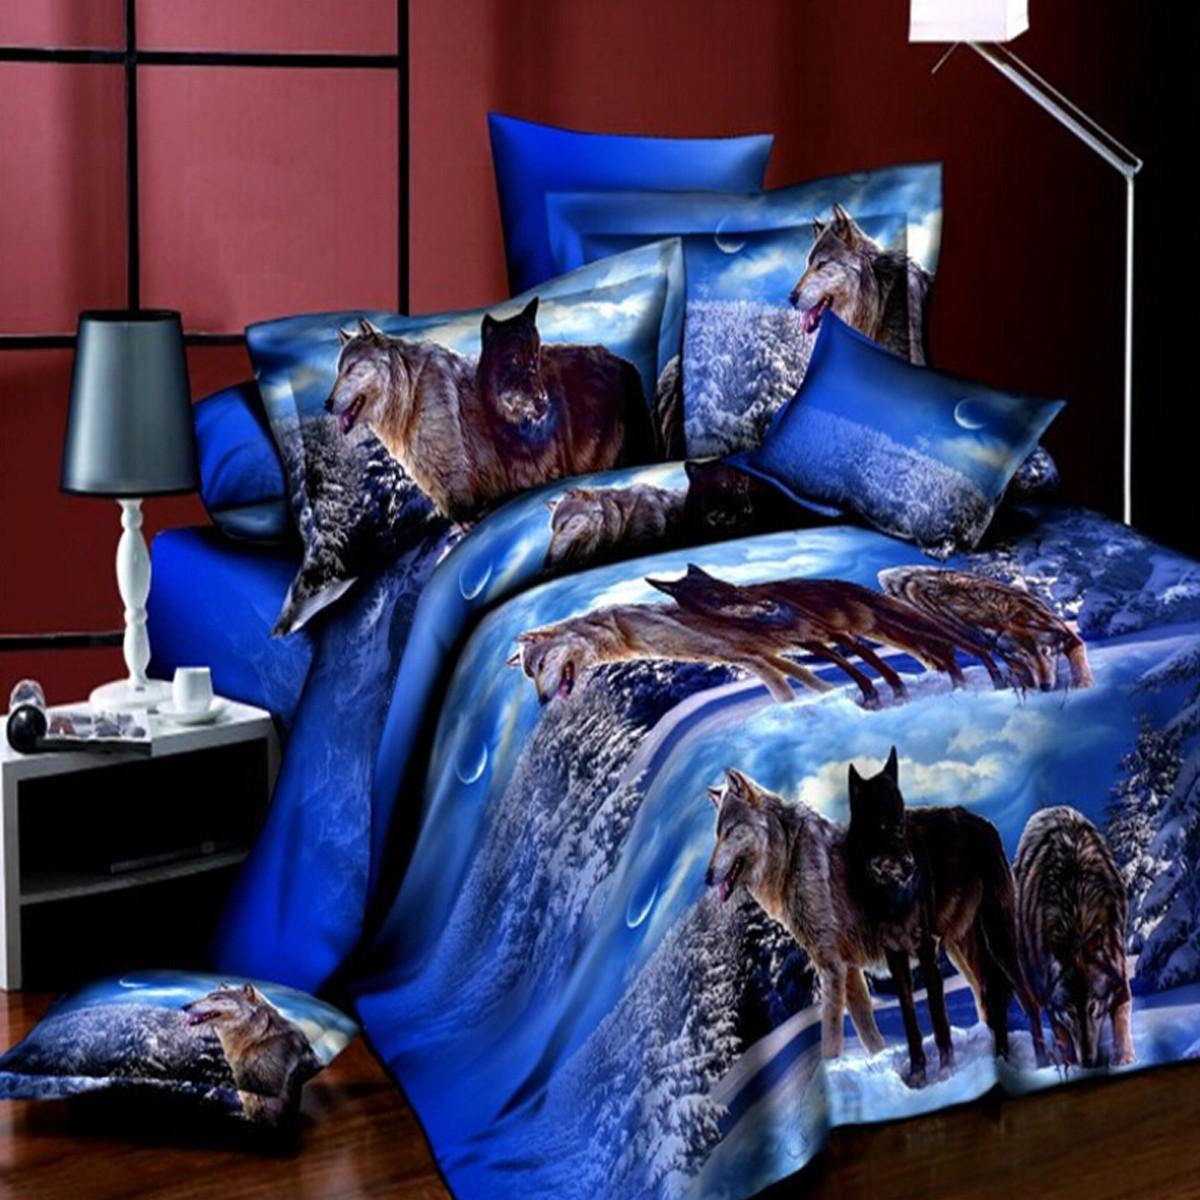 4шт костюм размер 3d снежное поле волк реактивной крашение полиэфирных волокон комплекты постельных принадлежностей королева